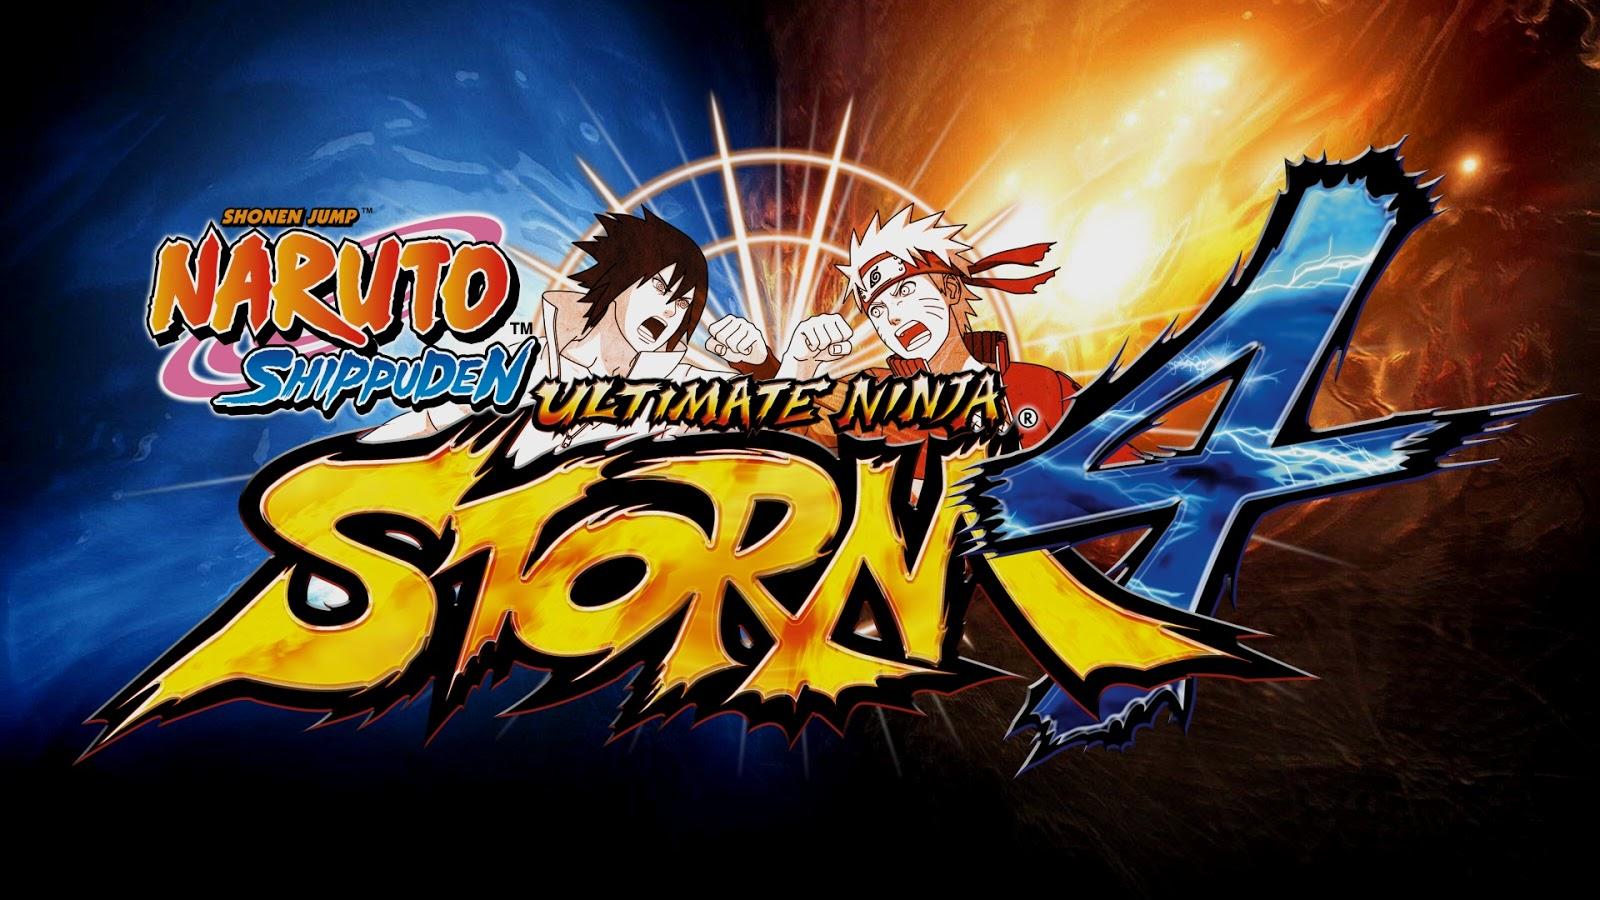 تحميل لعبة Naruto Shippuden Storm 4 للكمبيوتر وبالتورنت